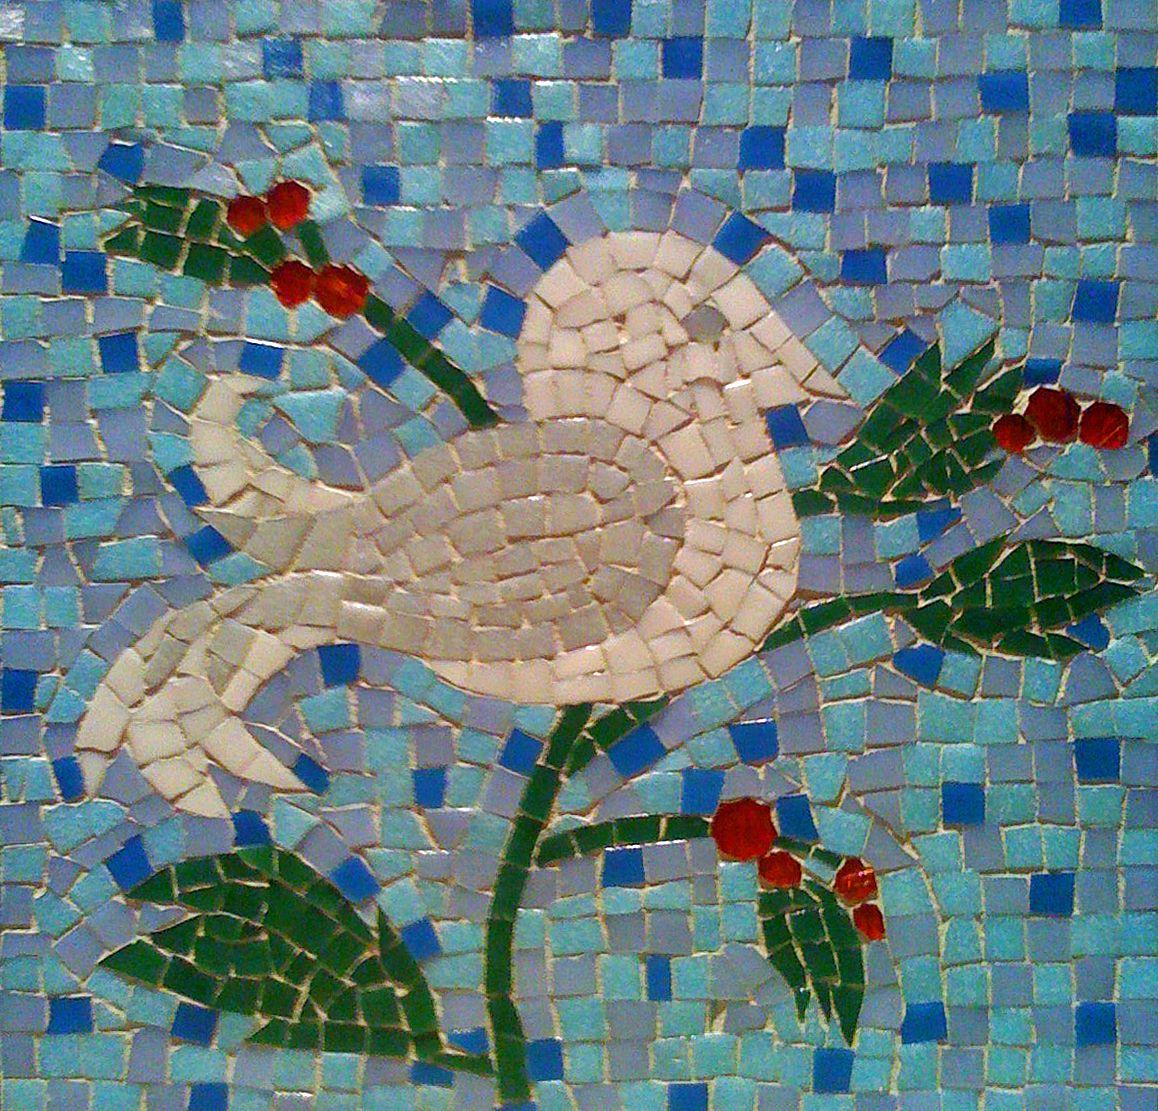 площадь картинки для мозаики из битой плитки особенности они ценили